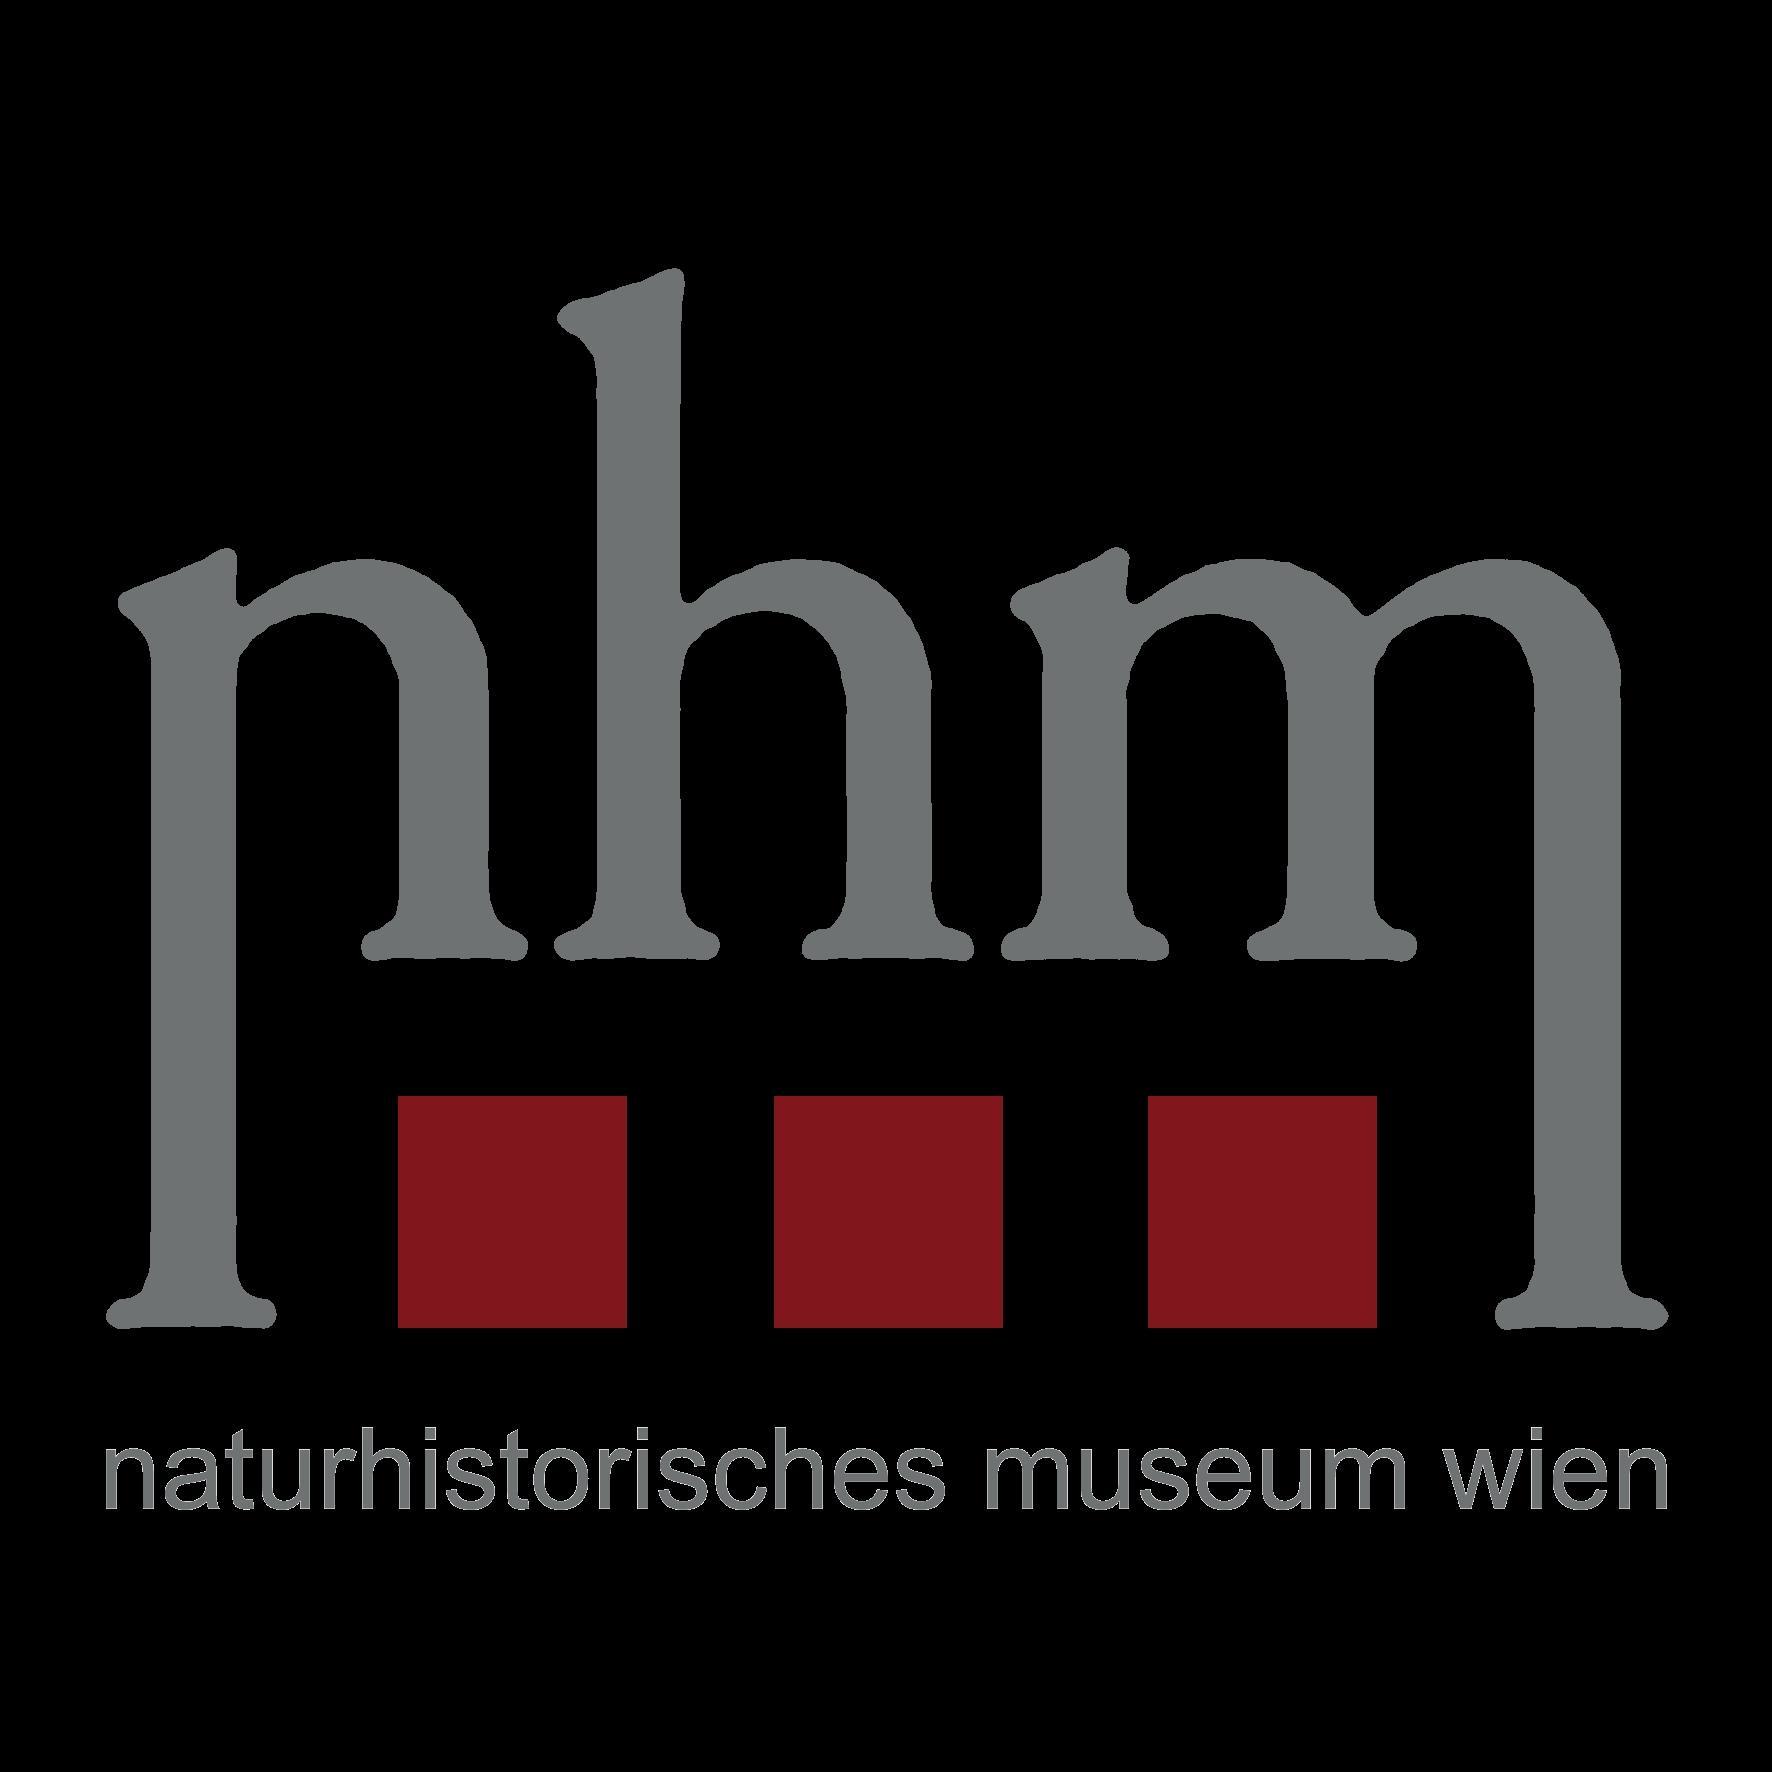 Gratis ins Naturhistorische Museum in Wien am 28.10.2016 - mit Los der Österreichischen Lotterien - 10 € sparen